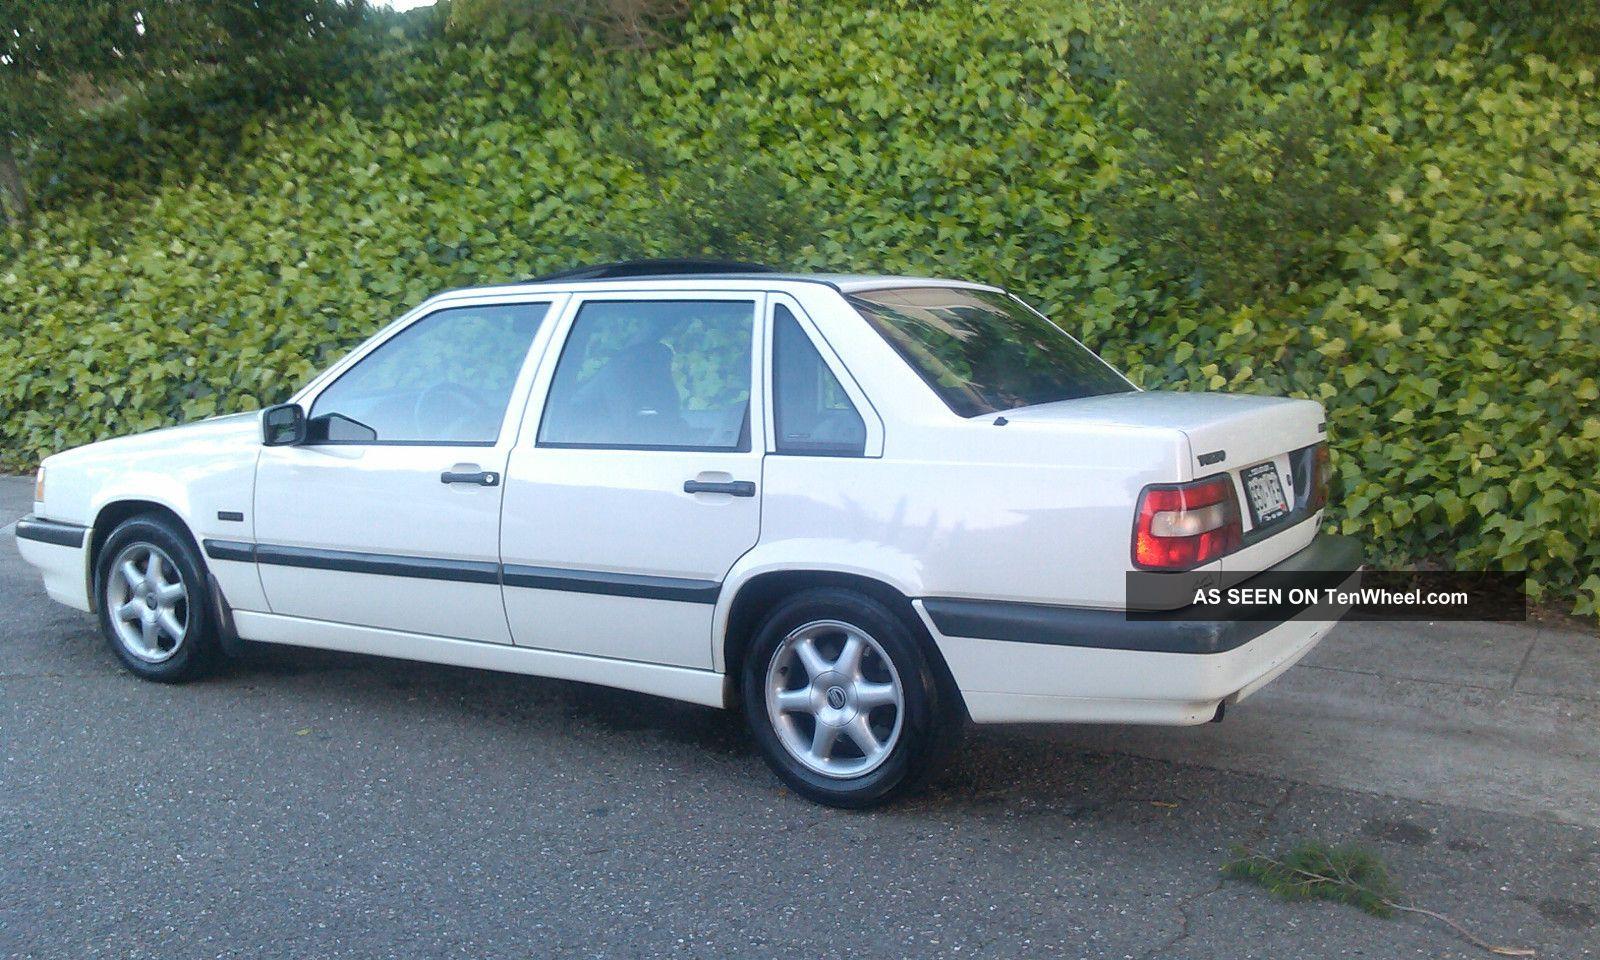 Rust Volvo Glt Sport Sedan Rblt Engine Runs Drives Great Lgw on 1996 Volvo 850 Interior